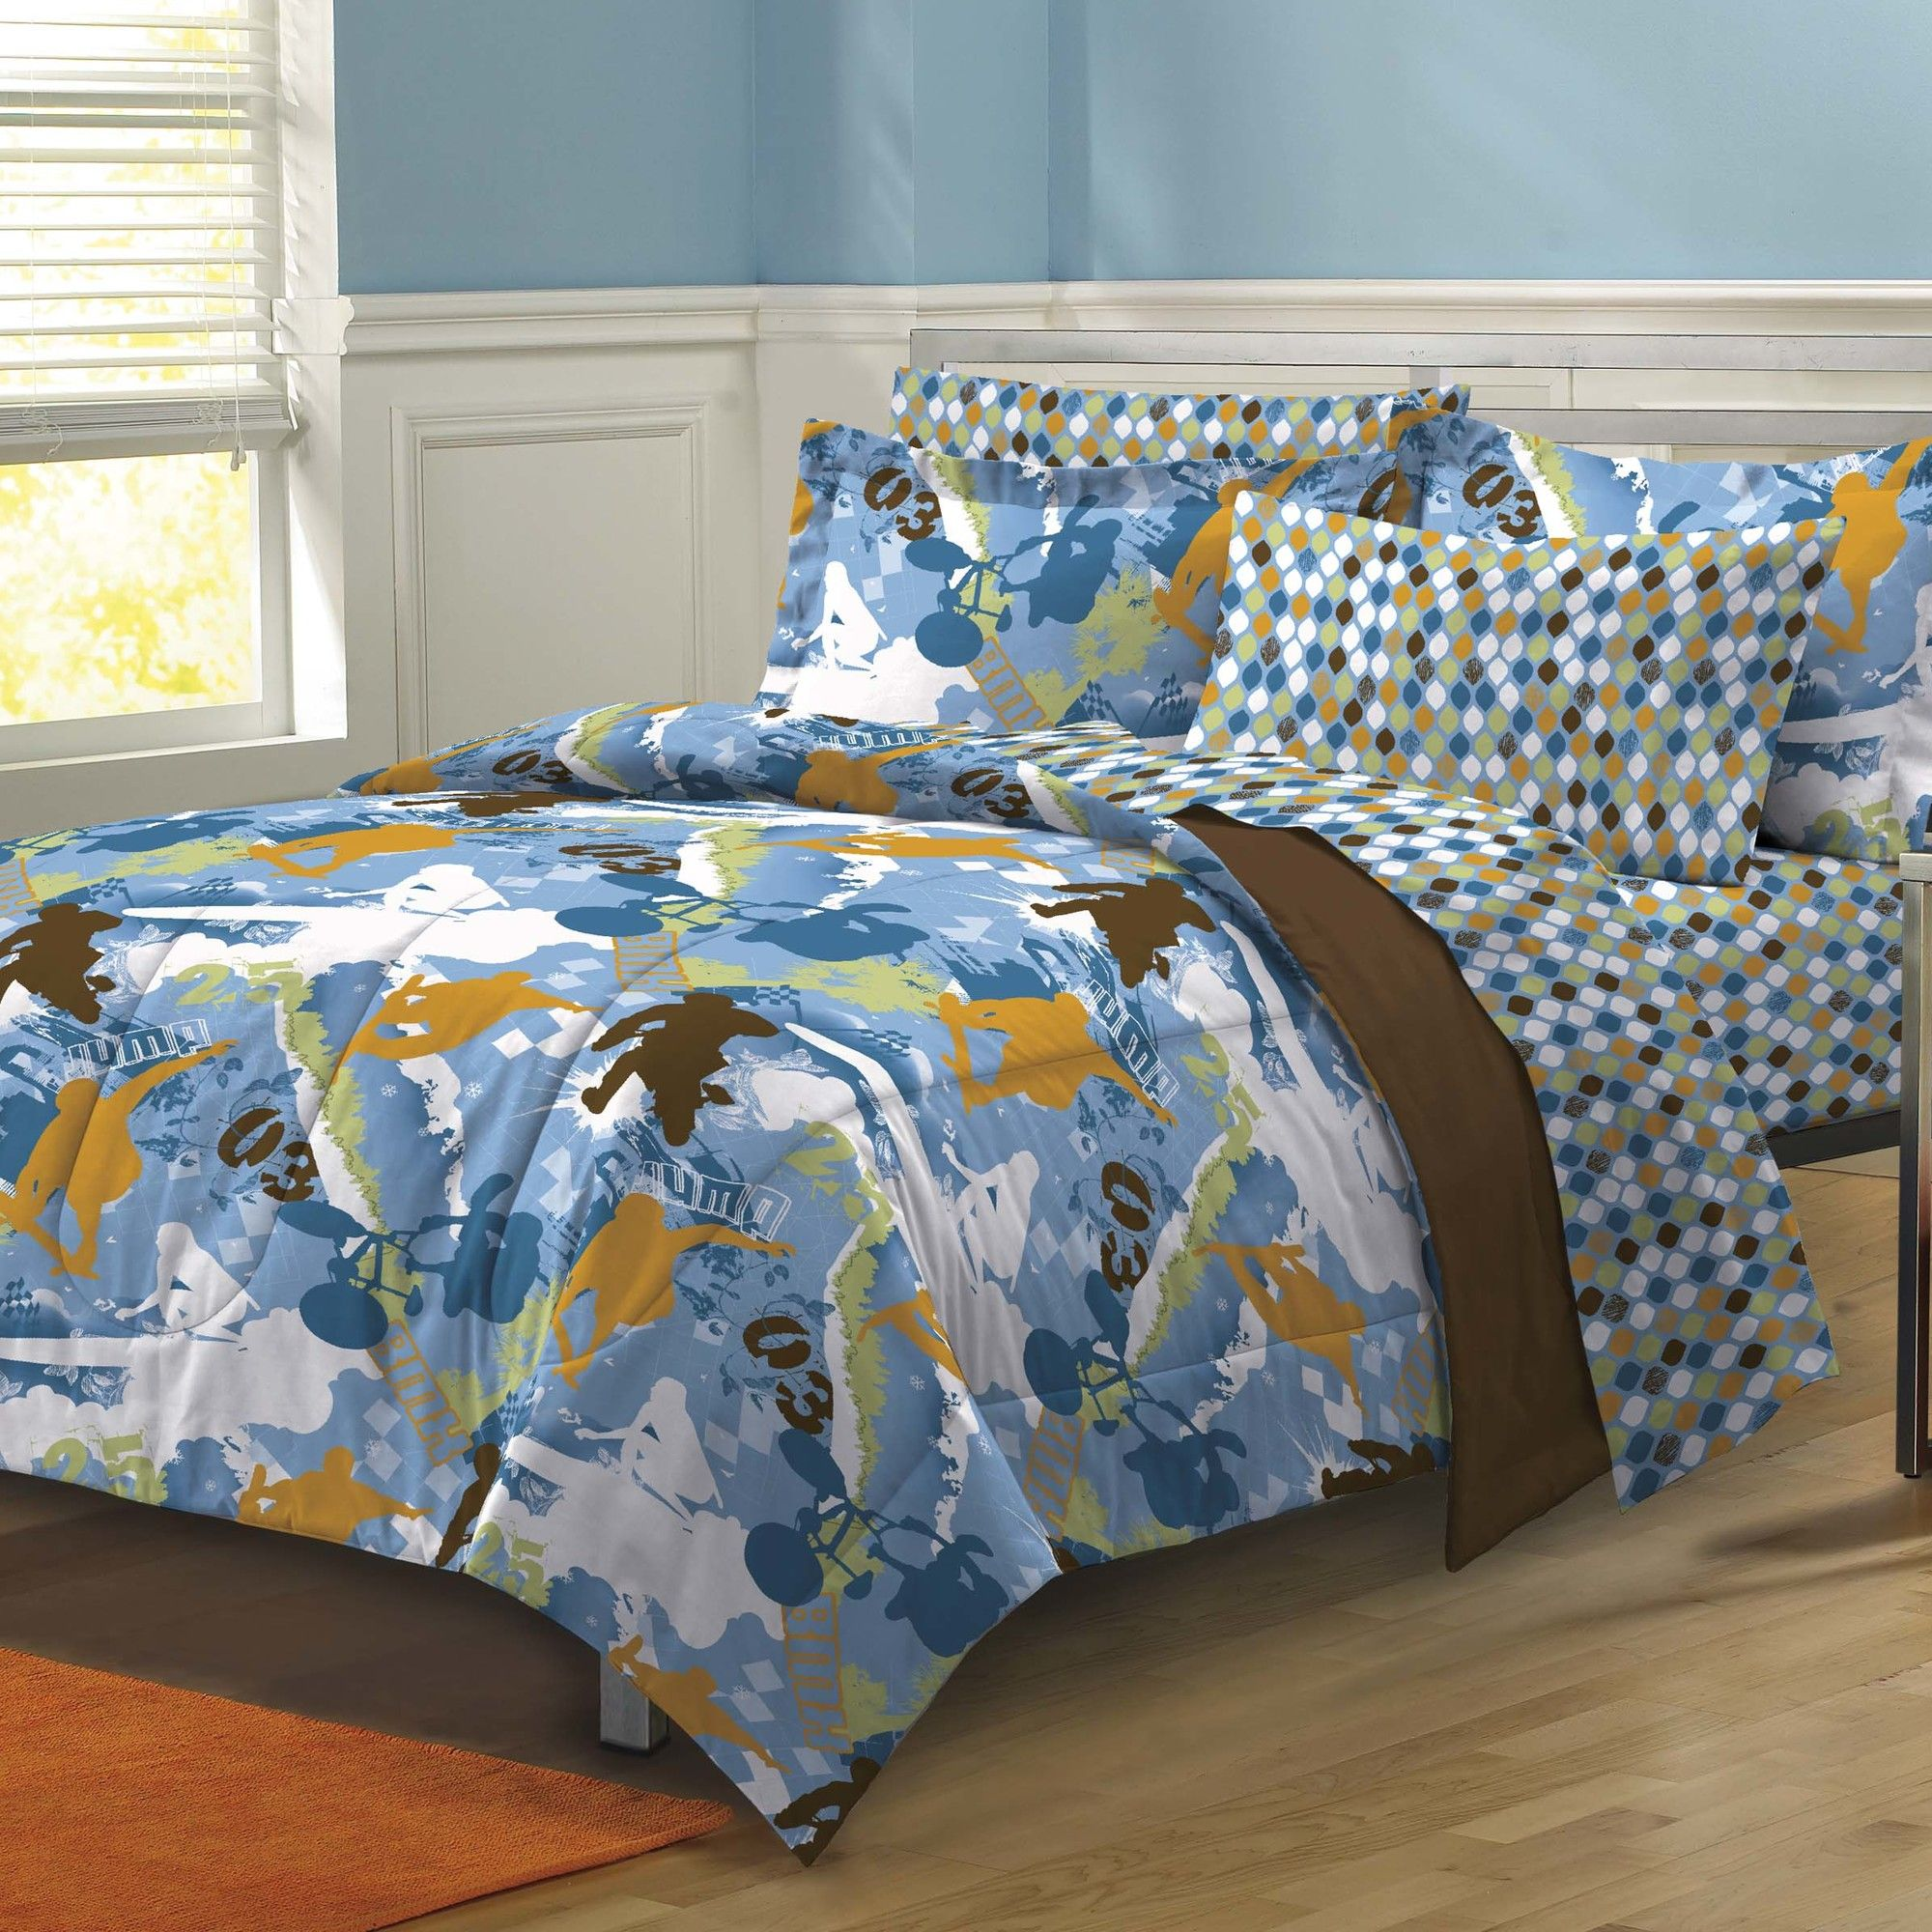 Bettwasche Sets Online Schlafzimmer Deckbett Satze Konstruktion